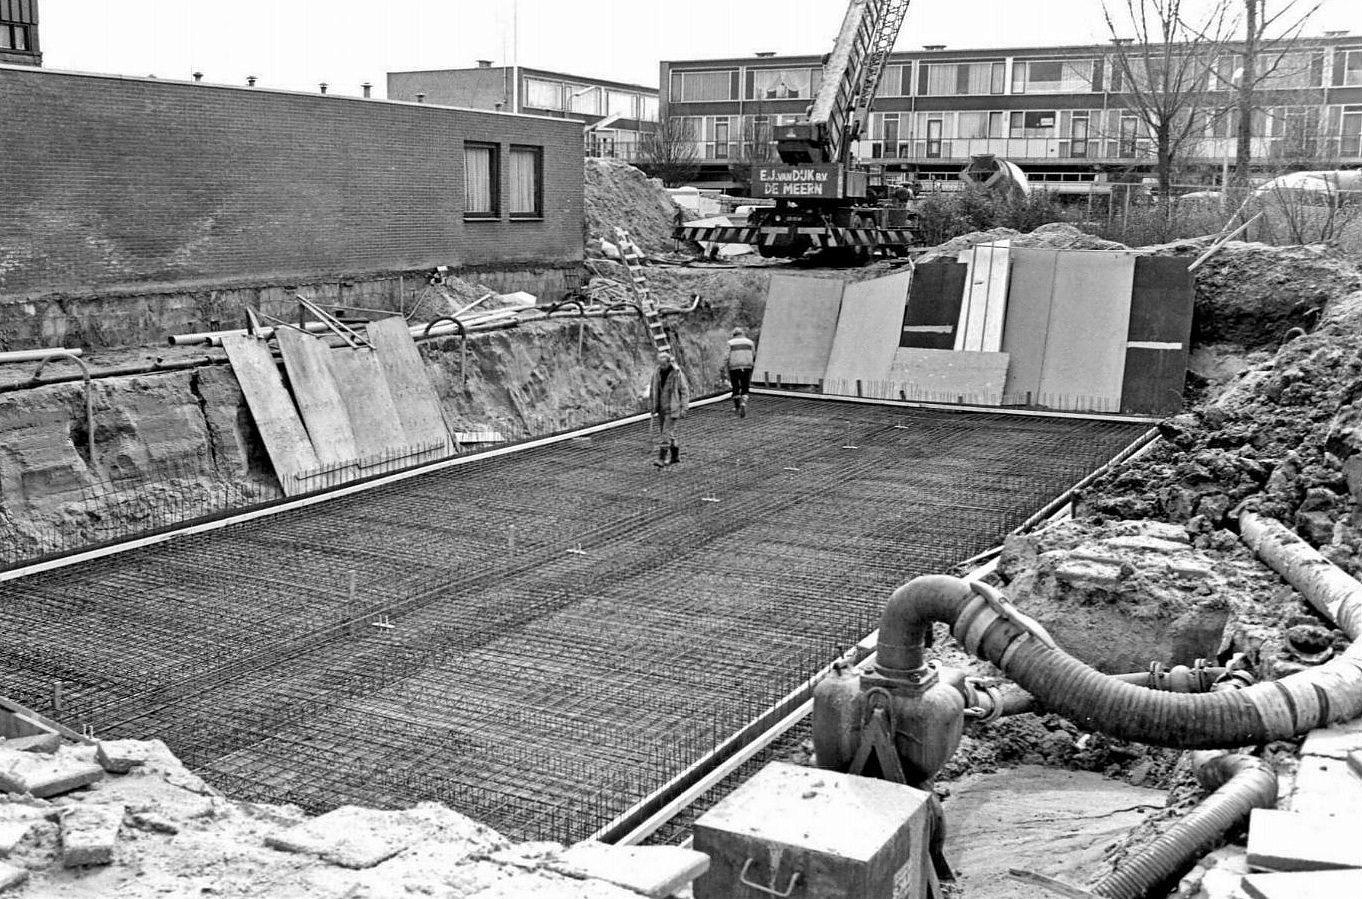 Schalm HUA 91424 03-1983